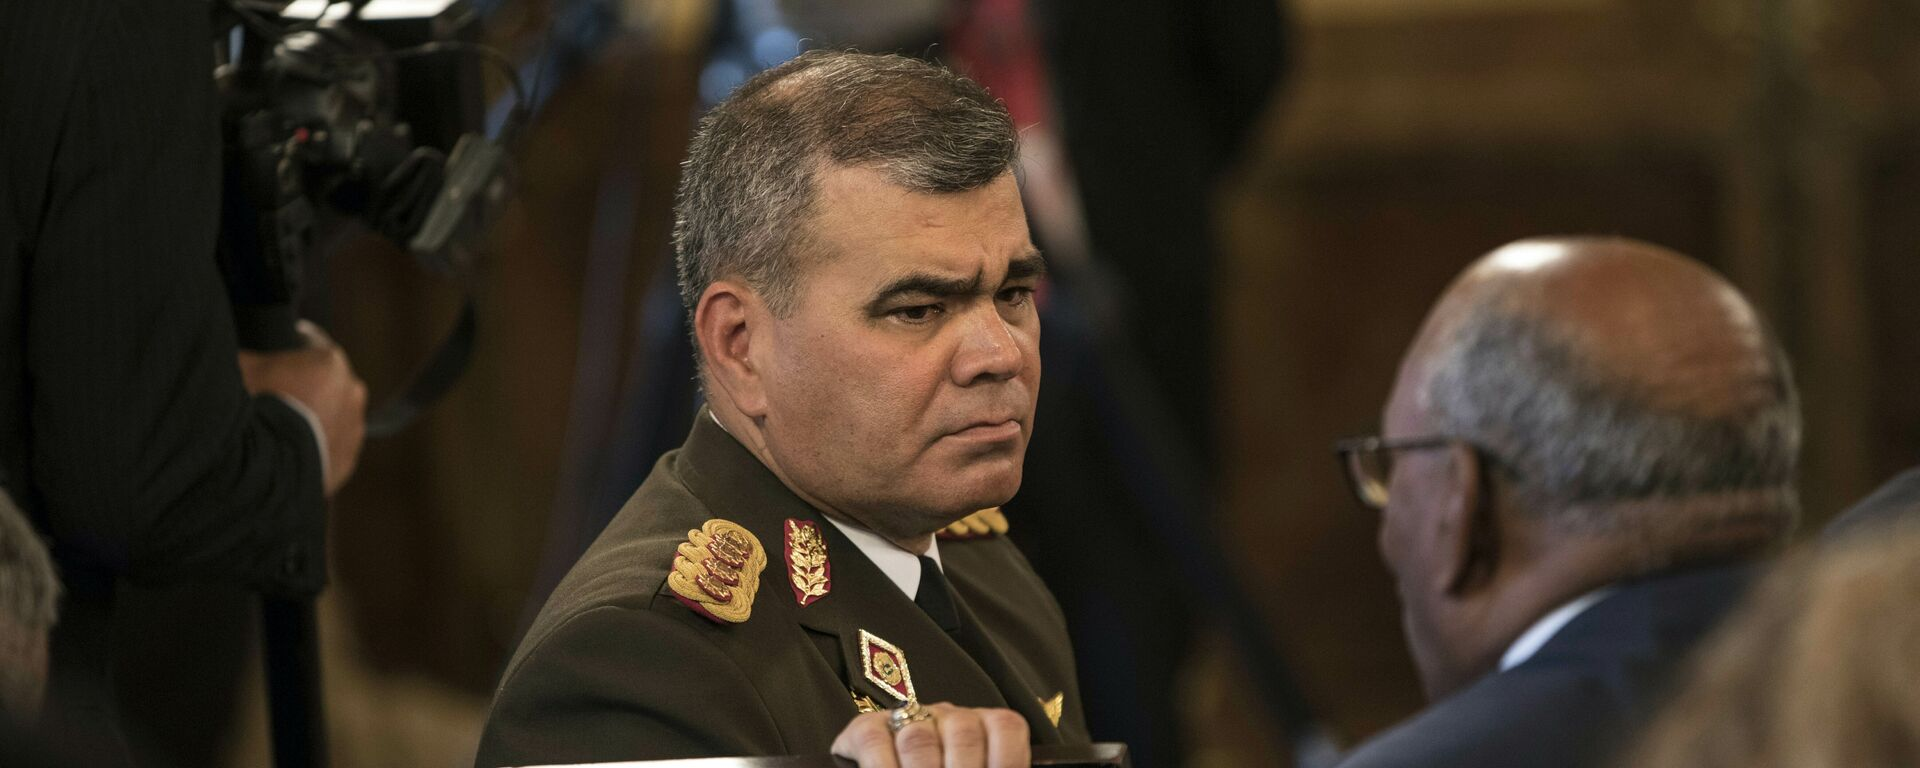 Vladimir Padrino López, ministro de Defensa de Venezuela (archivo) - Sputnik Mundo, 1920, 06.05.2021